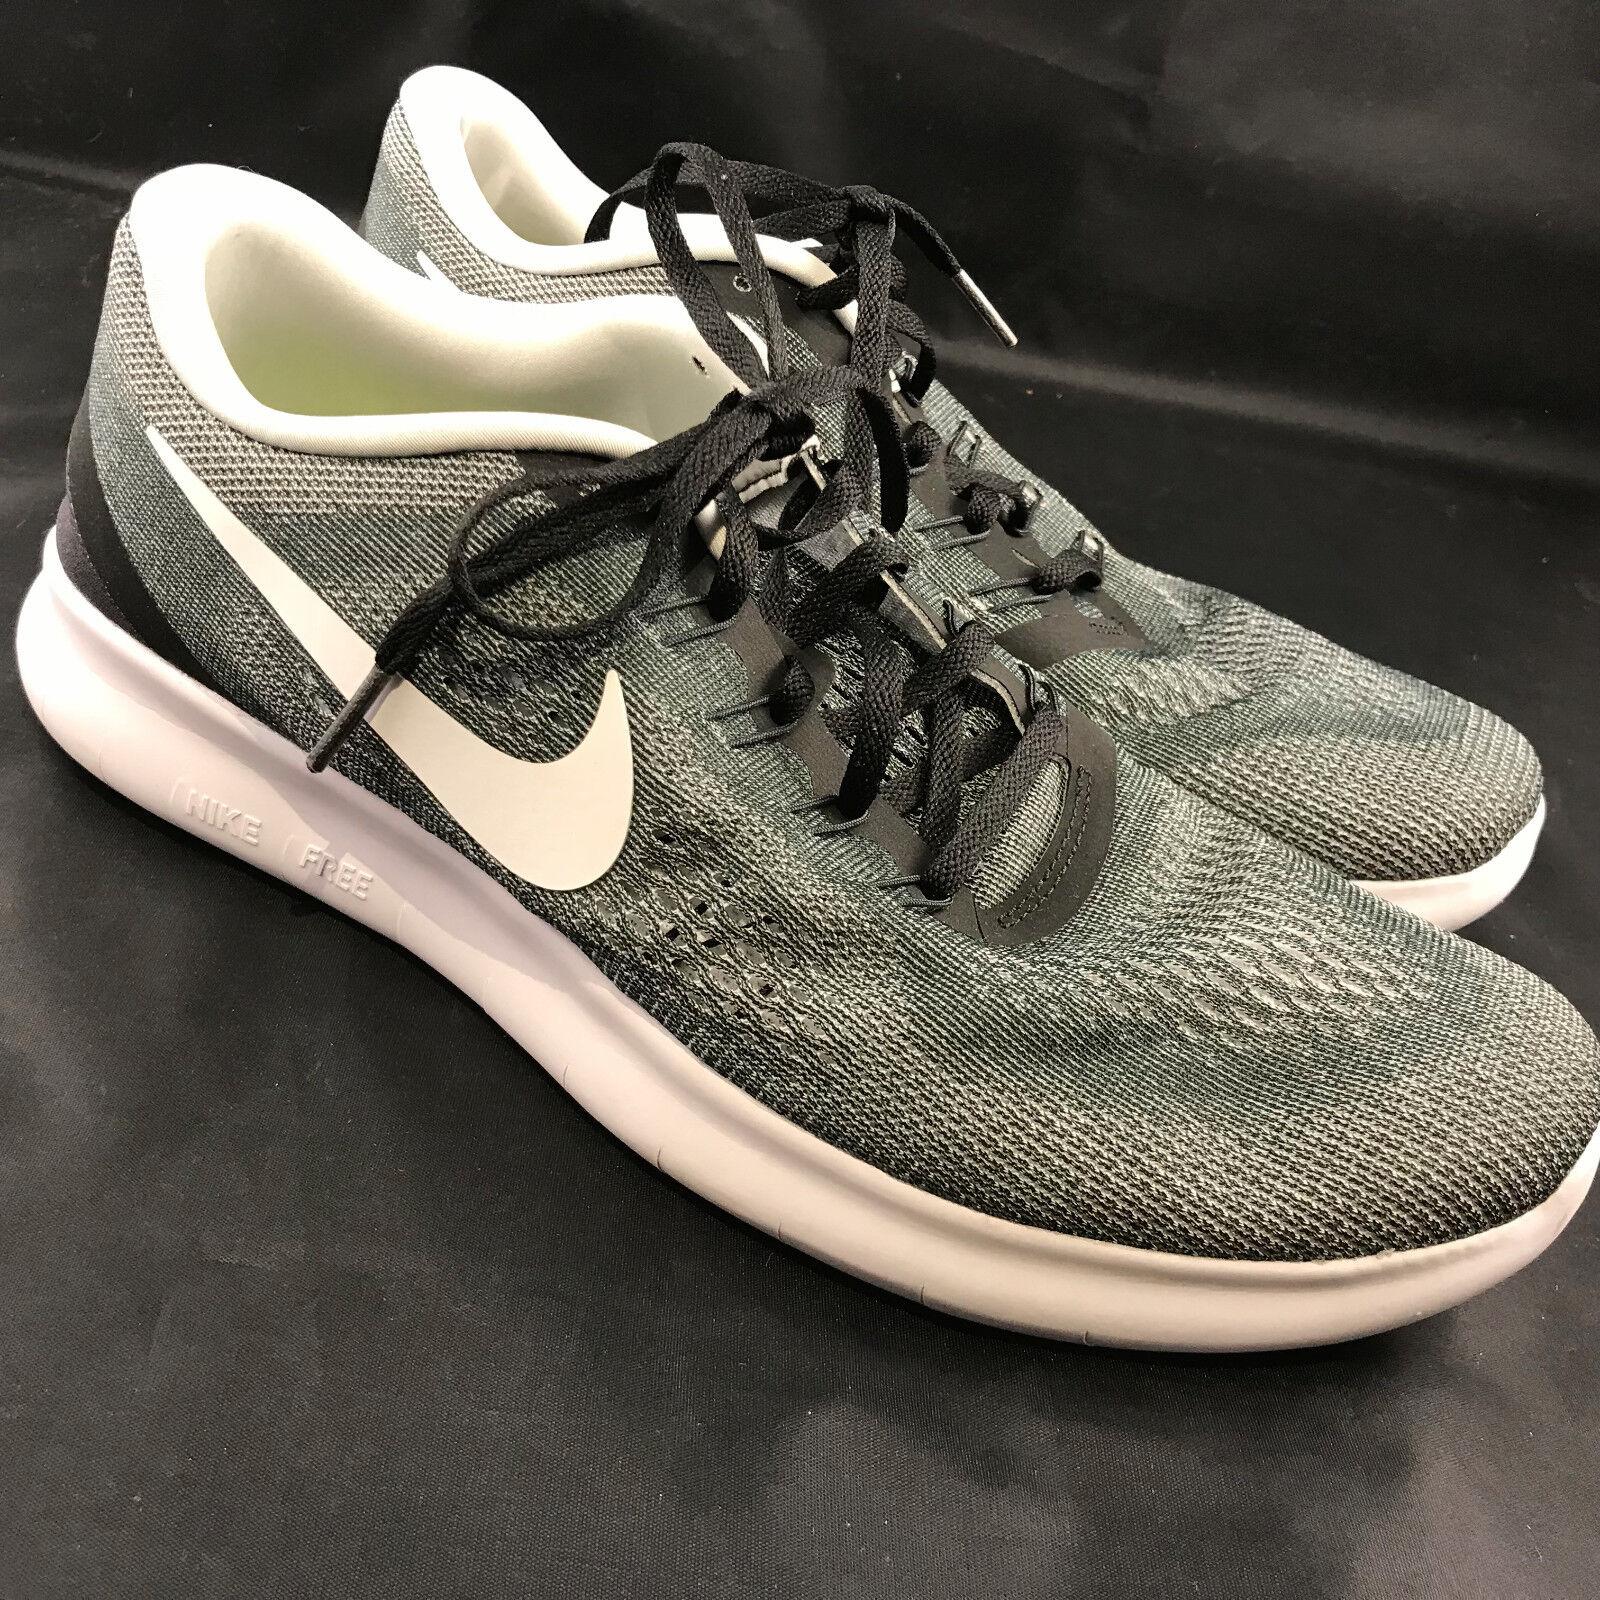 Nike libera rn Uomo verde taglia 10 grigio - verde Uomo eccellente condizione bdd7e7